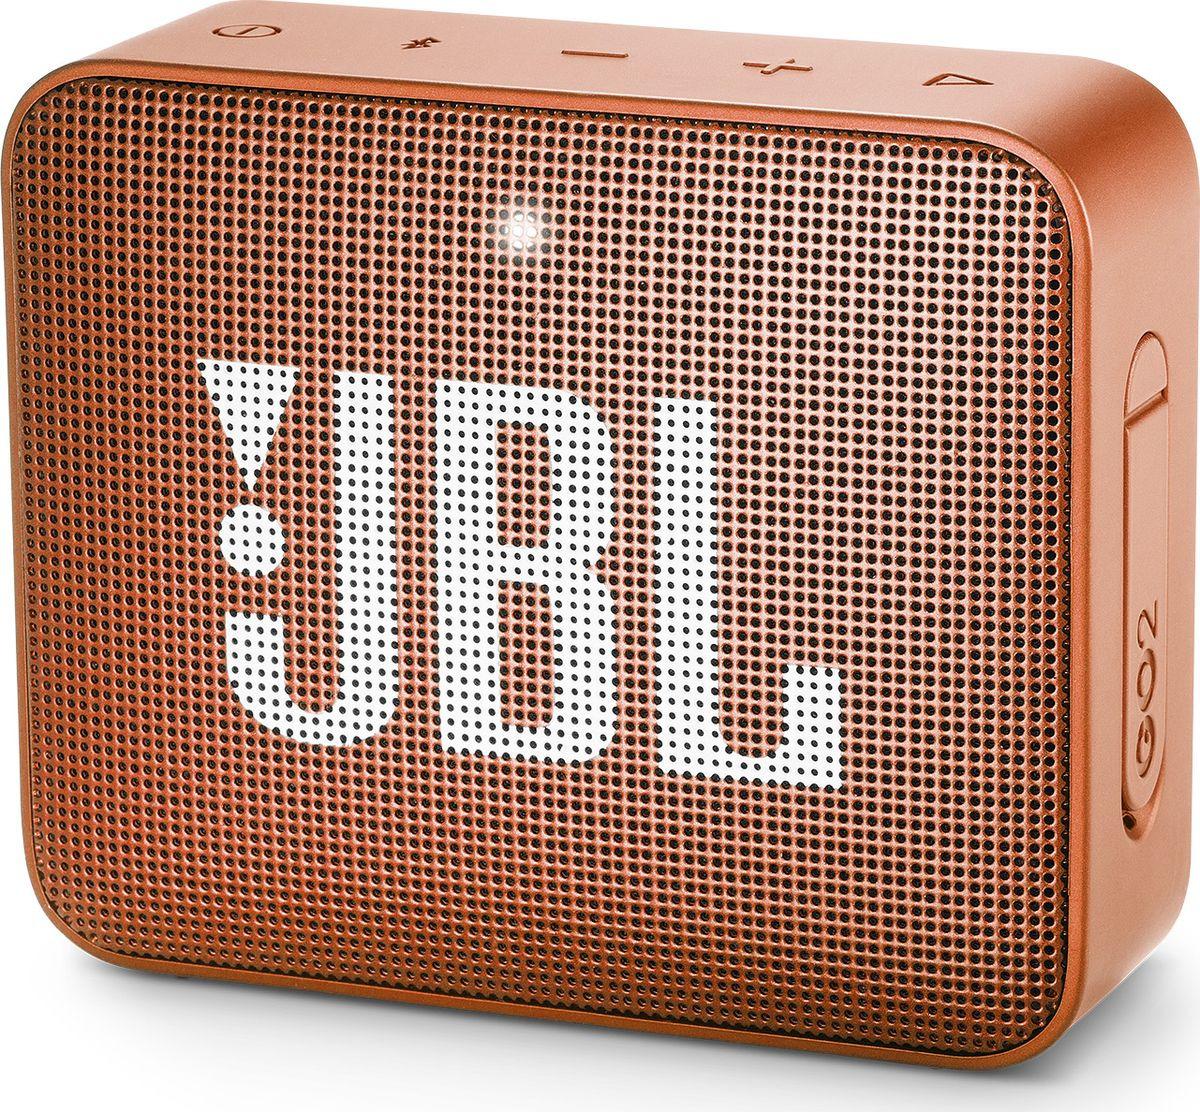 Беспроводная колонка JBL Go 2, Orange цена